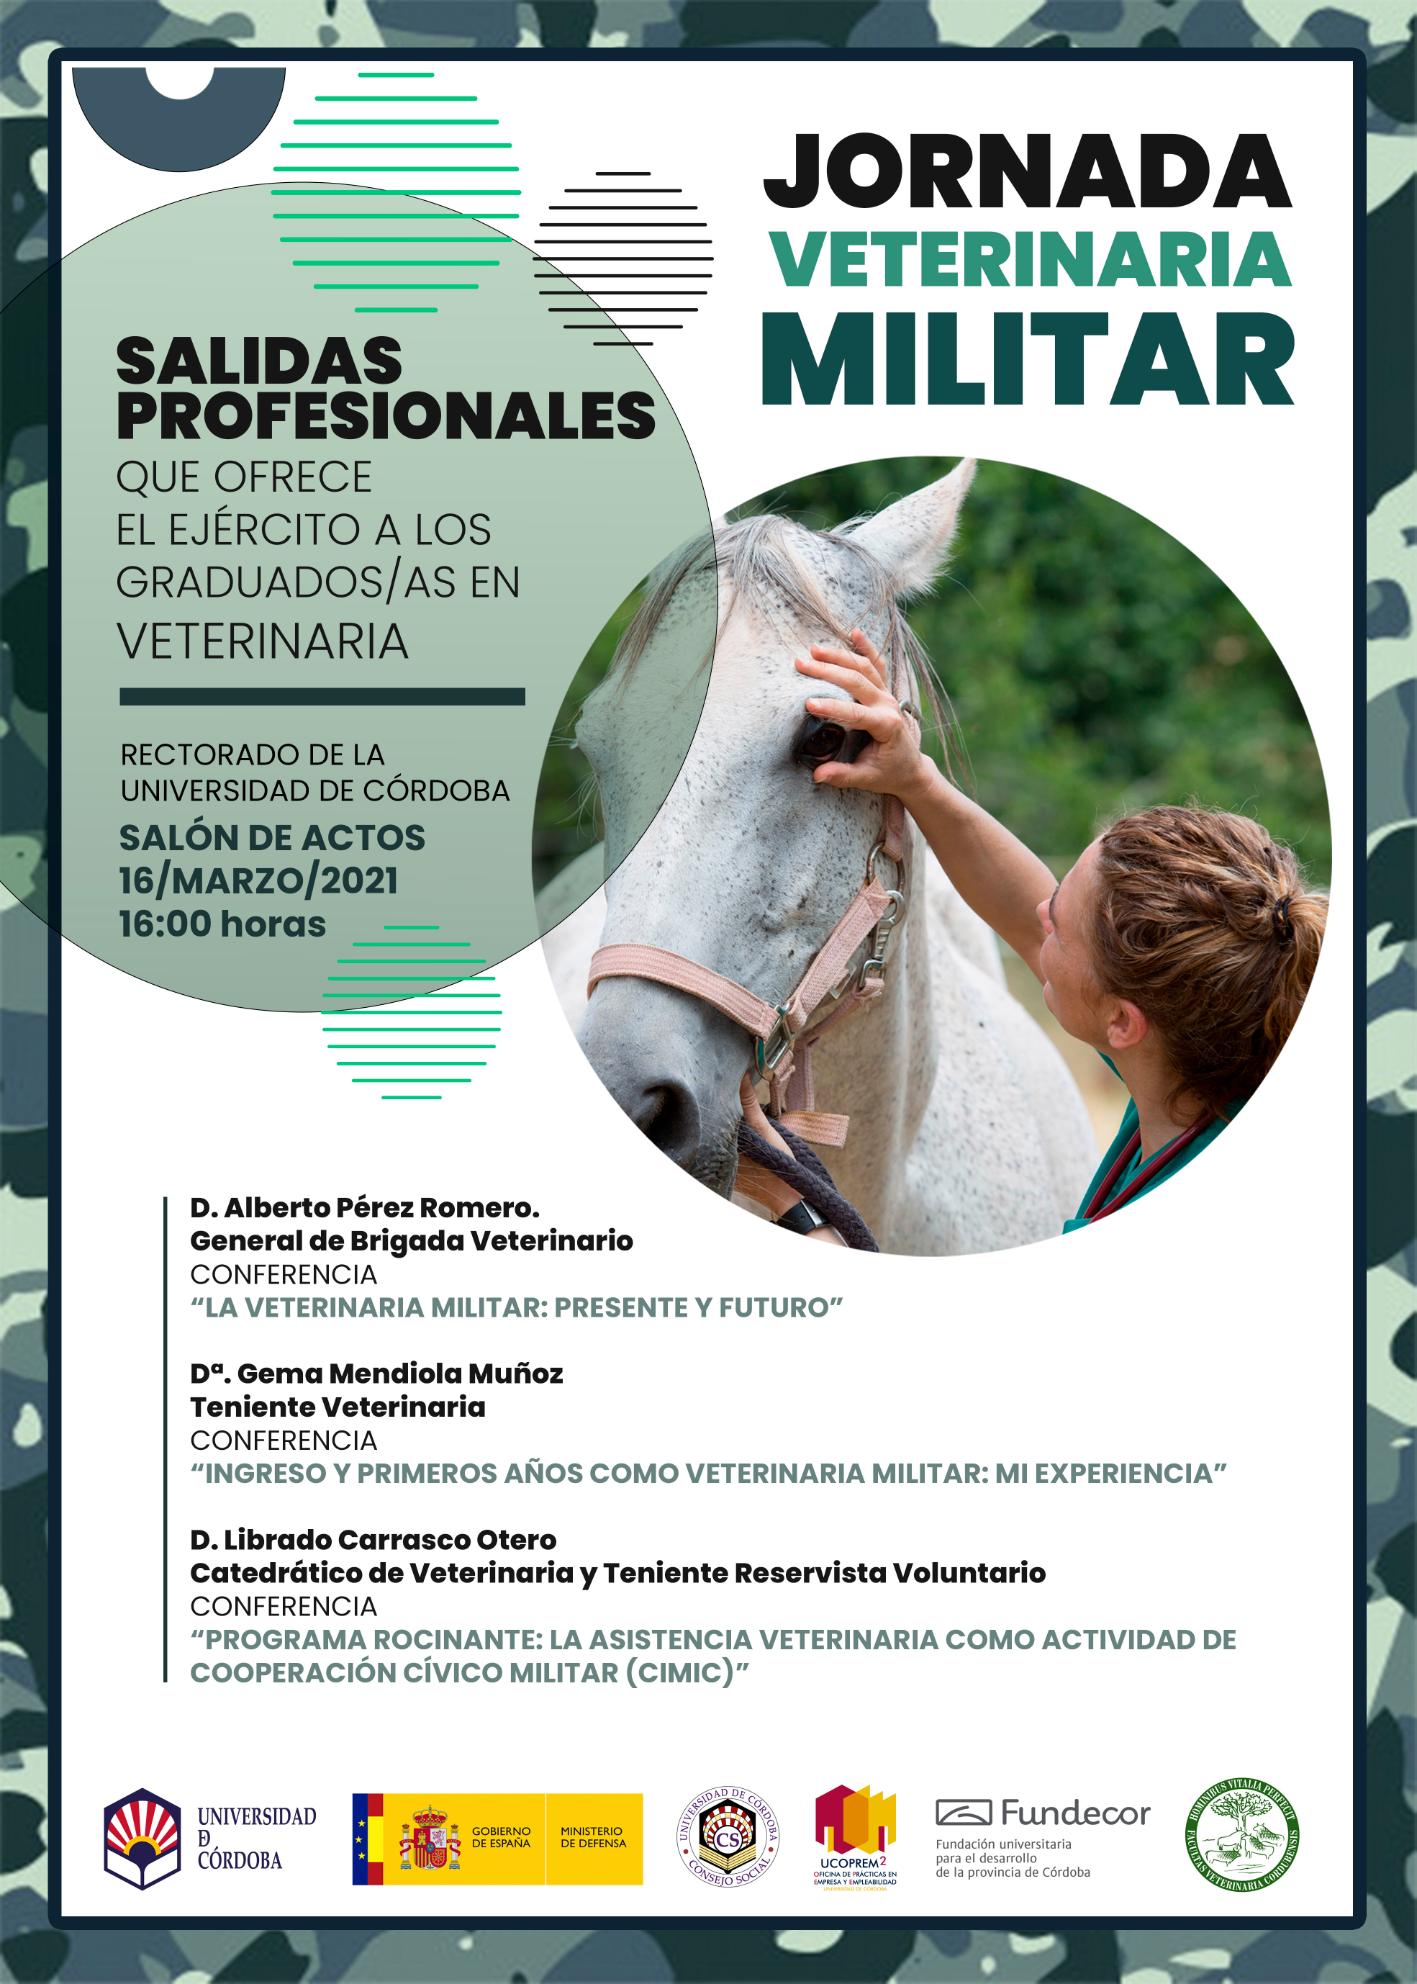 Jornada Veterinaria Militar